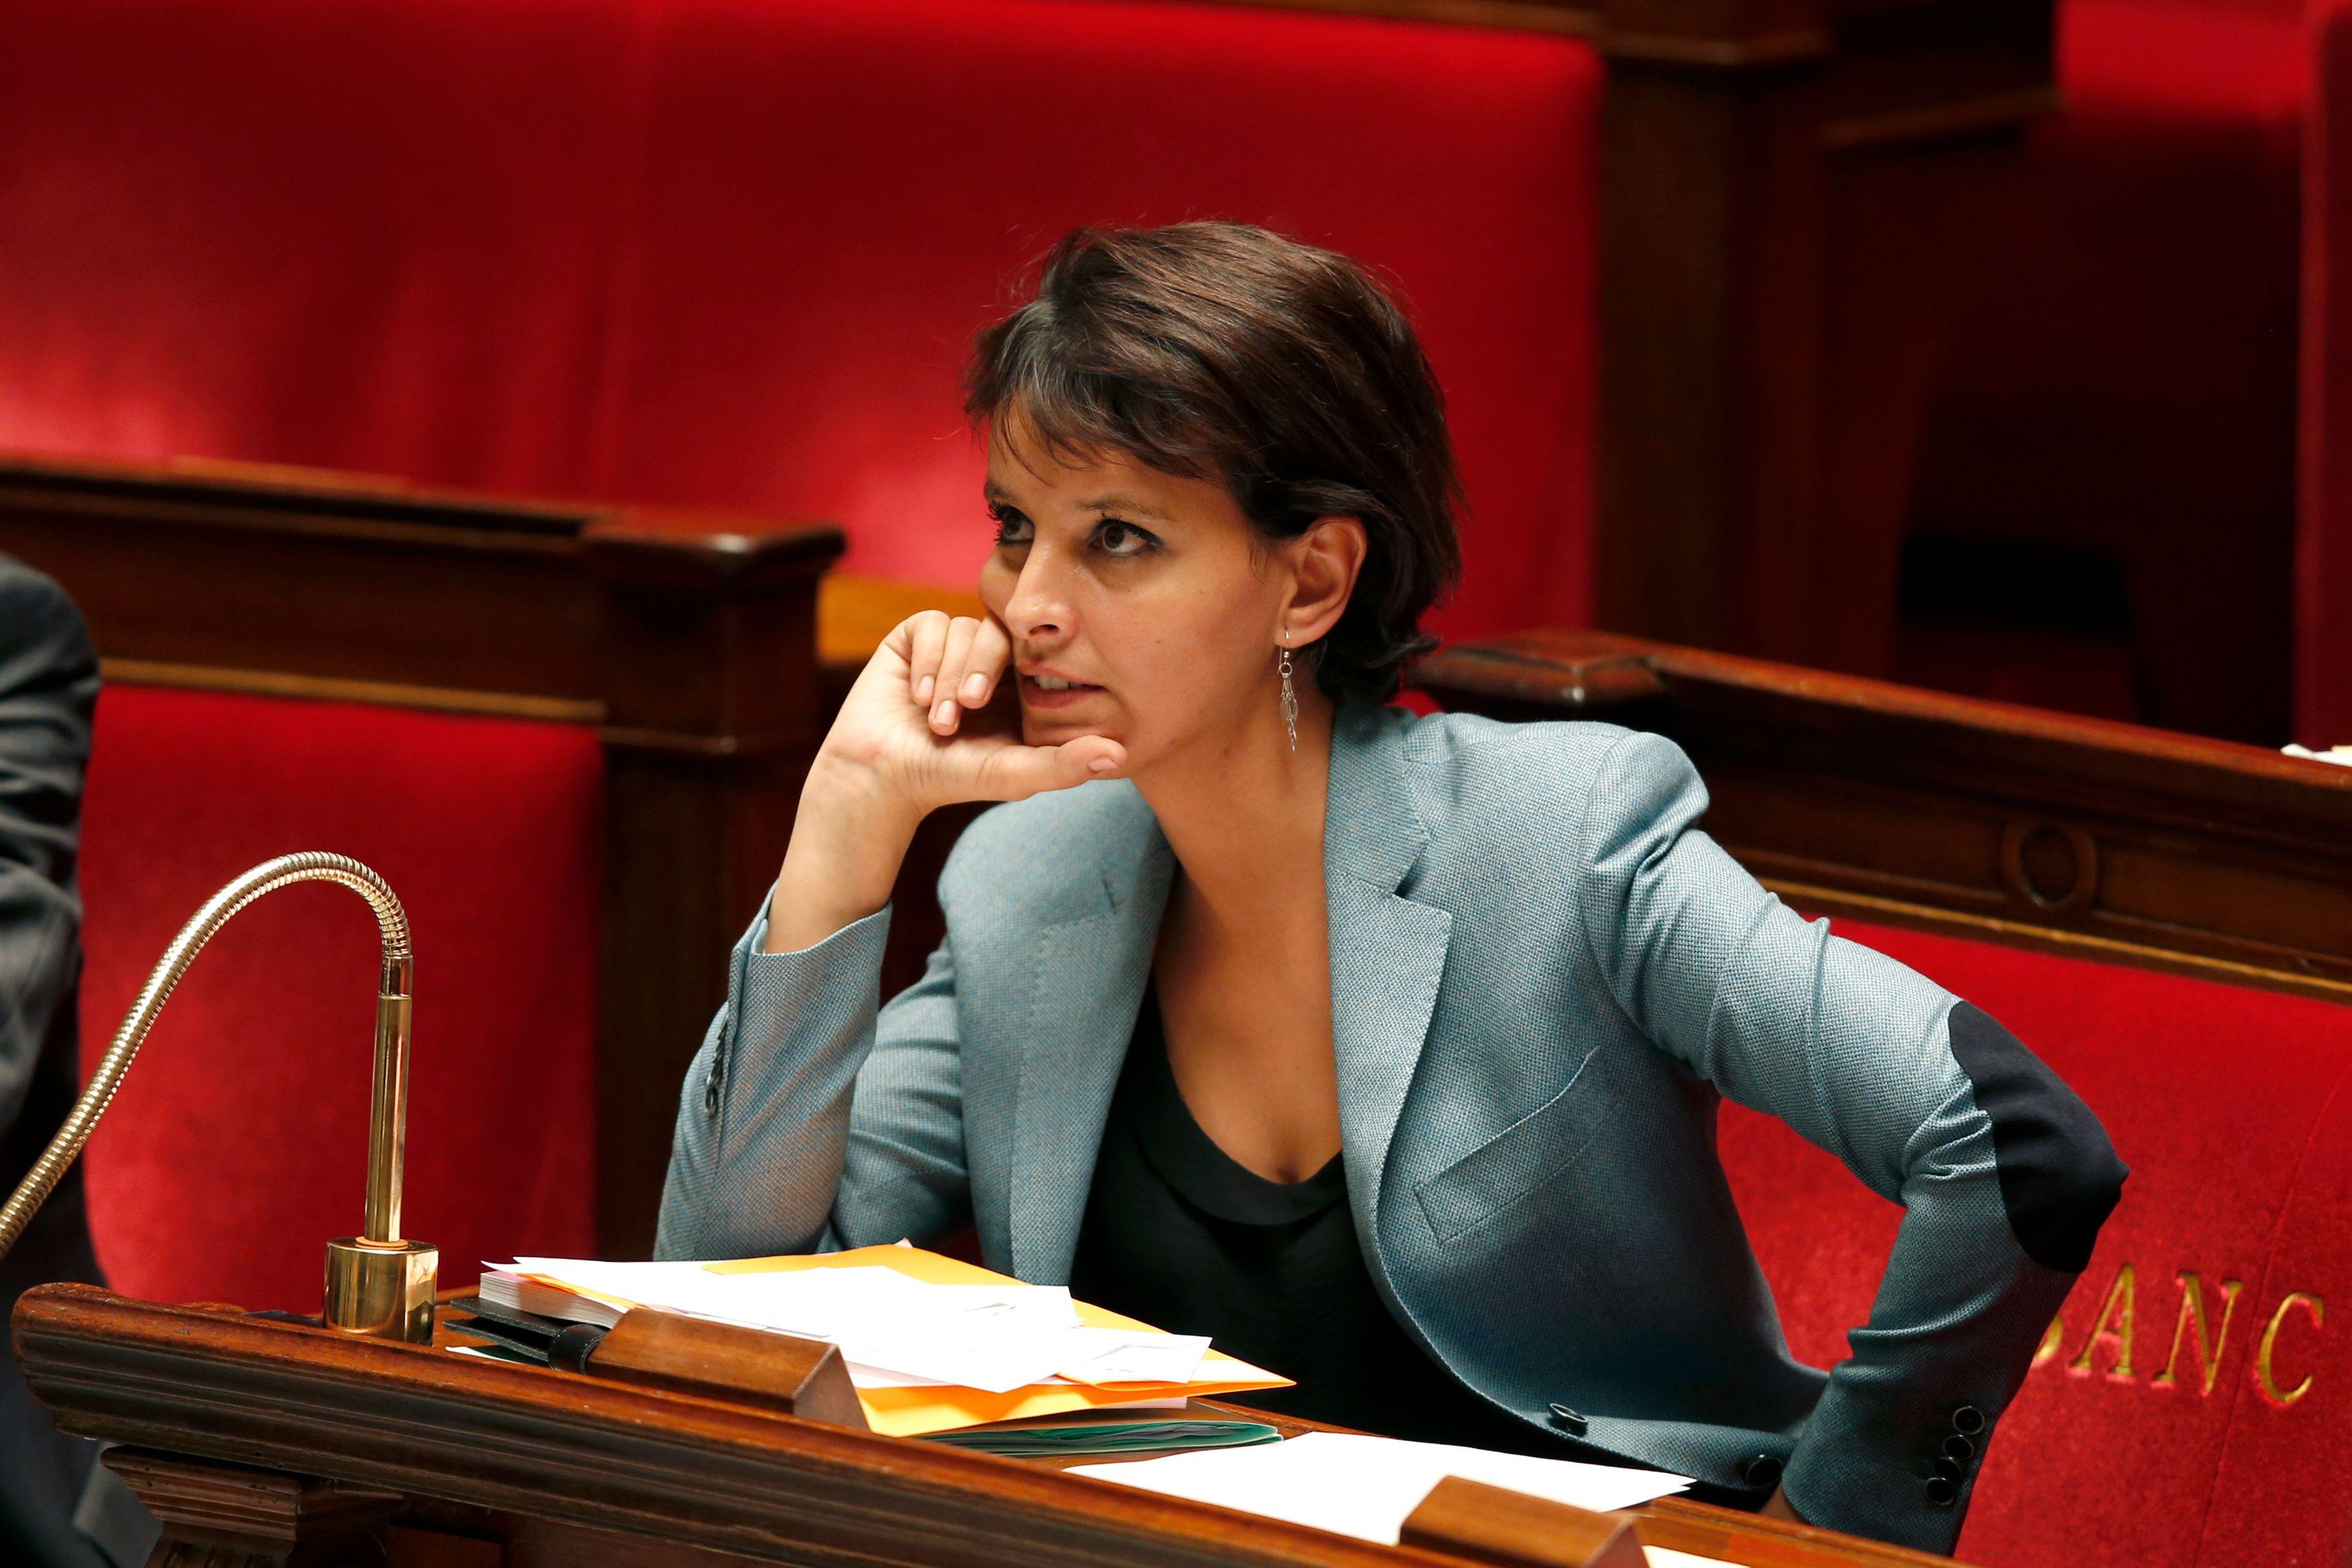 La ministre de l'Education devrait plutôt s'attaquer à la racine des problèmes du système éducatif français.